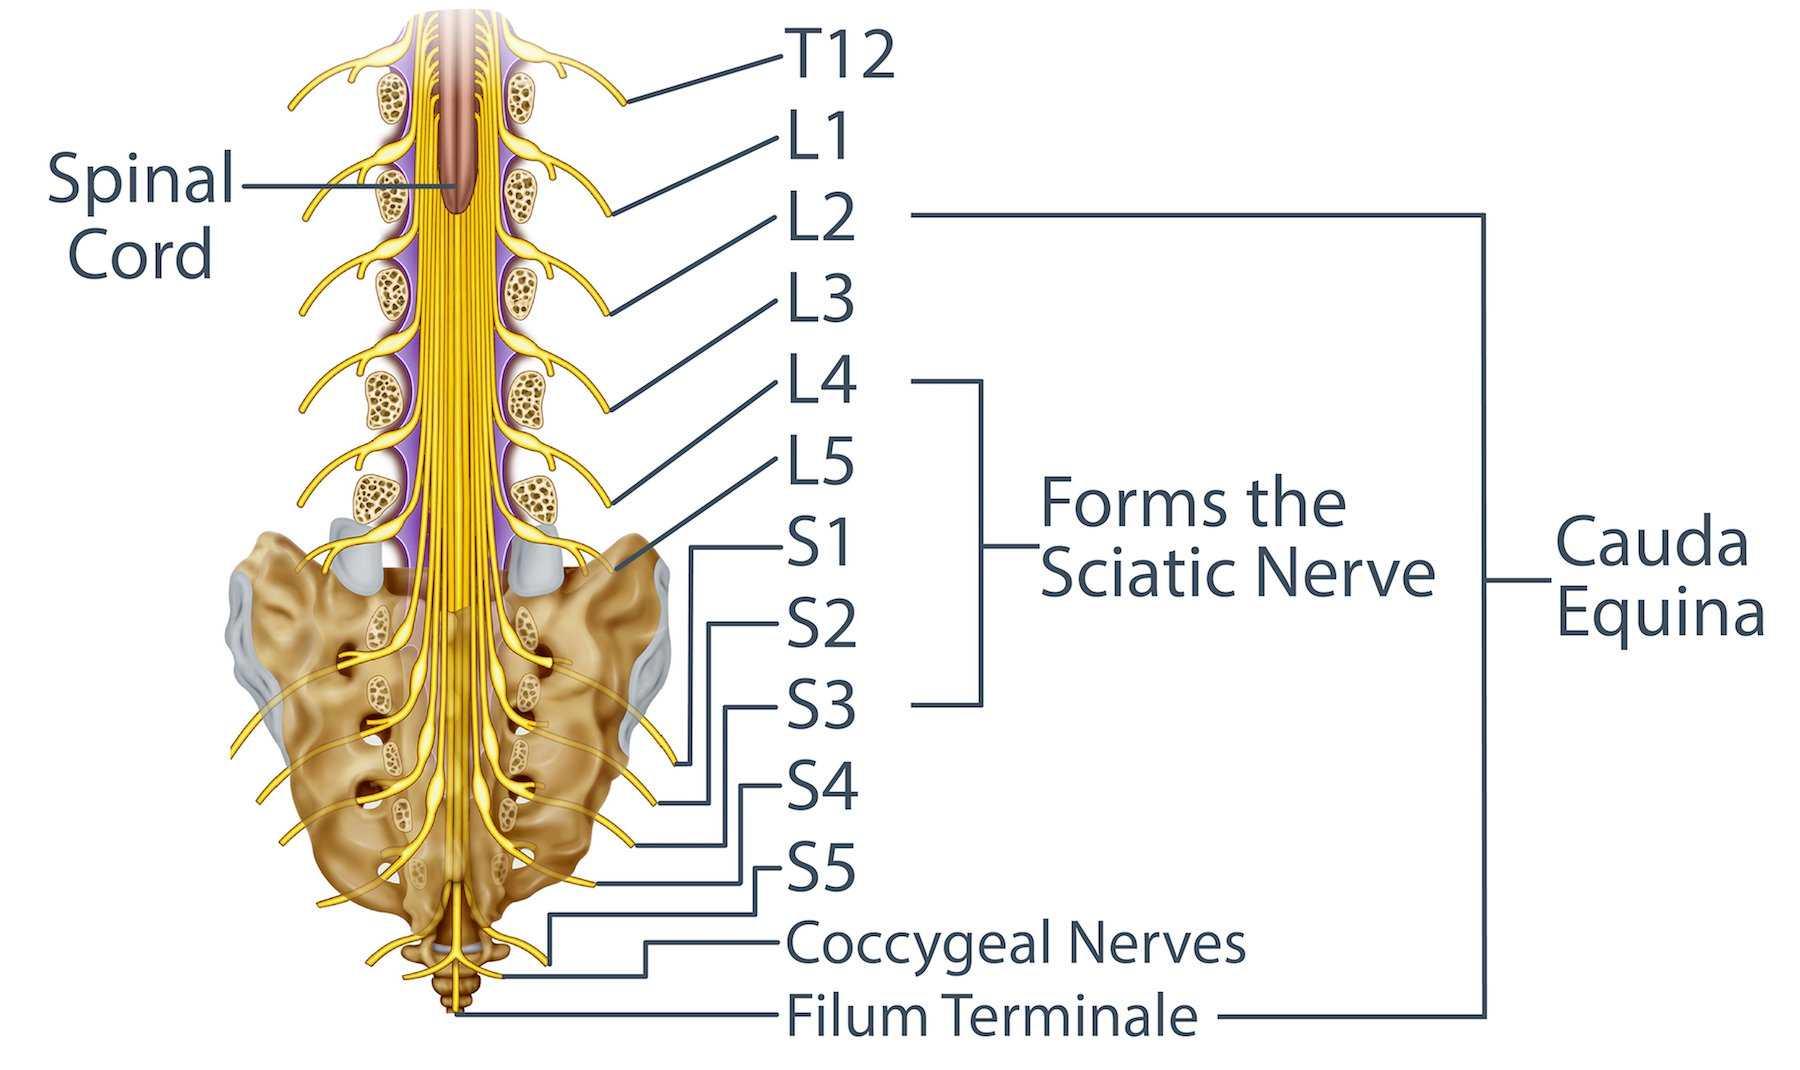 Cauda Equina and the Sciatic Nerve